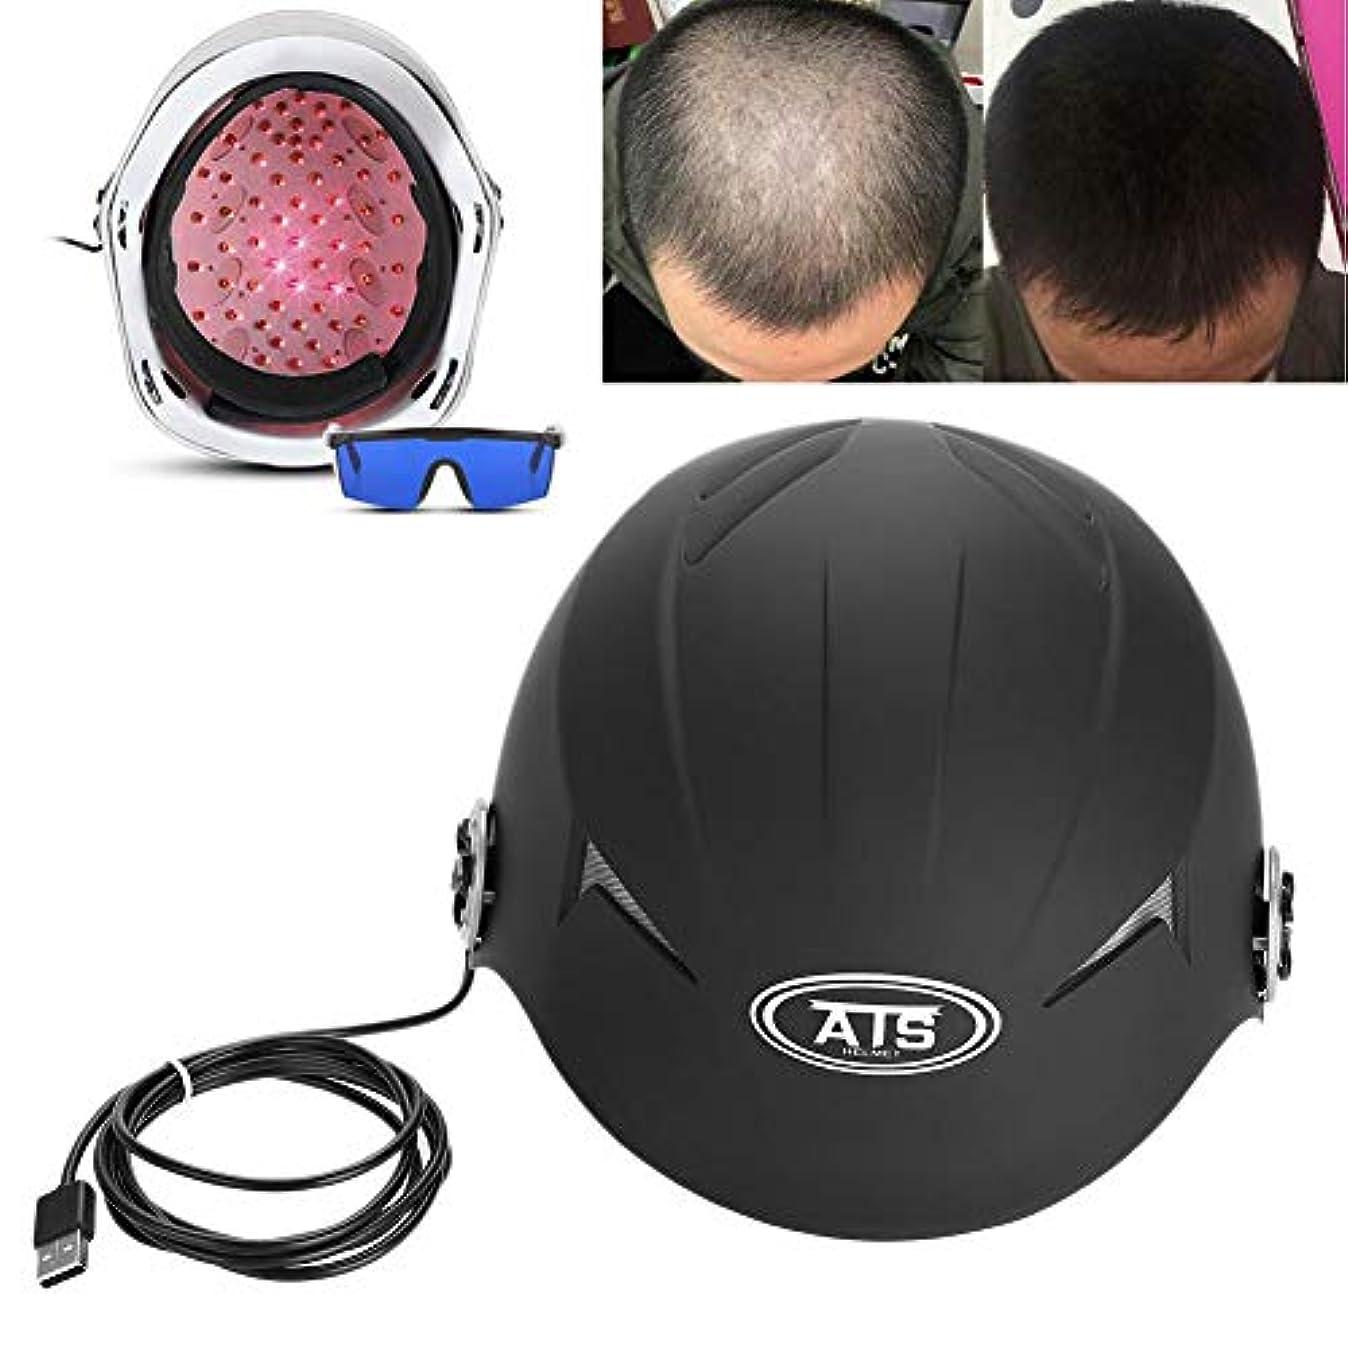 ウェブ災難間違い脱毛キャップ、脱毛ヘルメット、脱毛を減らす、女性と男性の脱毛ケア用のヘアキャップヘルメット, ヘアリグローヘルメットファストグローストリートメントキャップ脱毛ソリューションメンズレディース